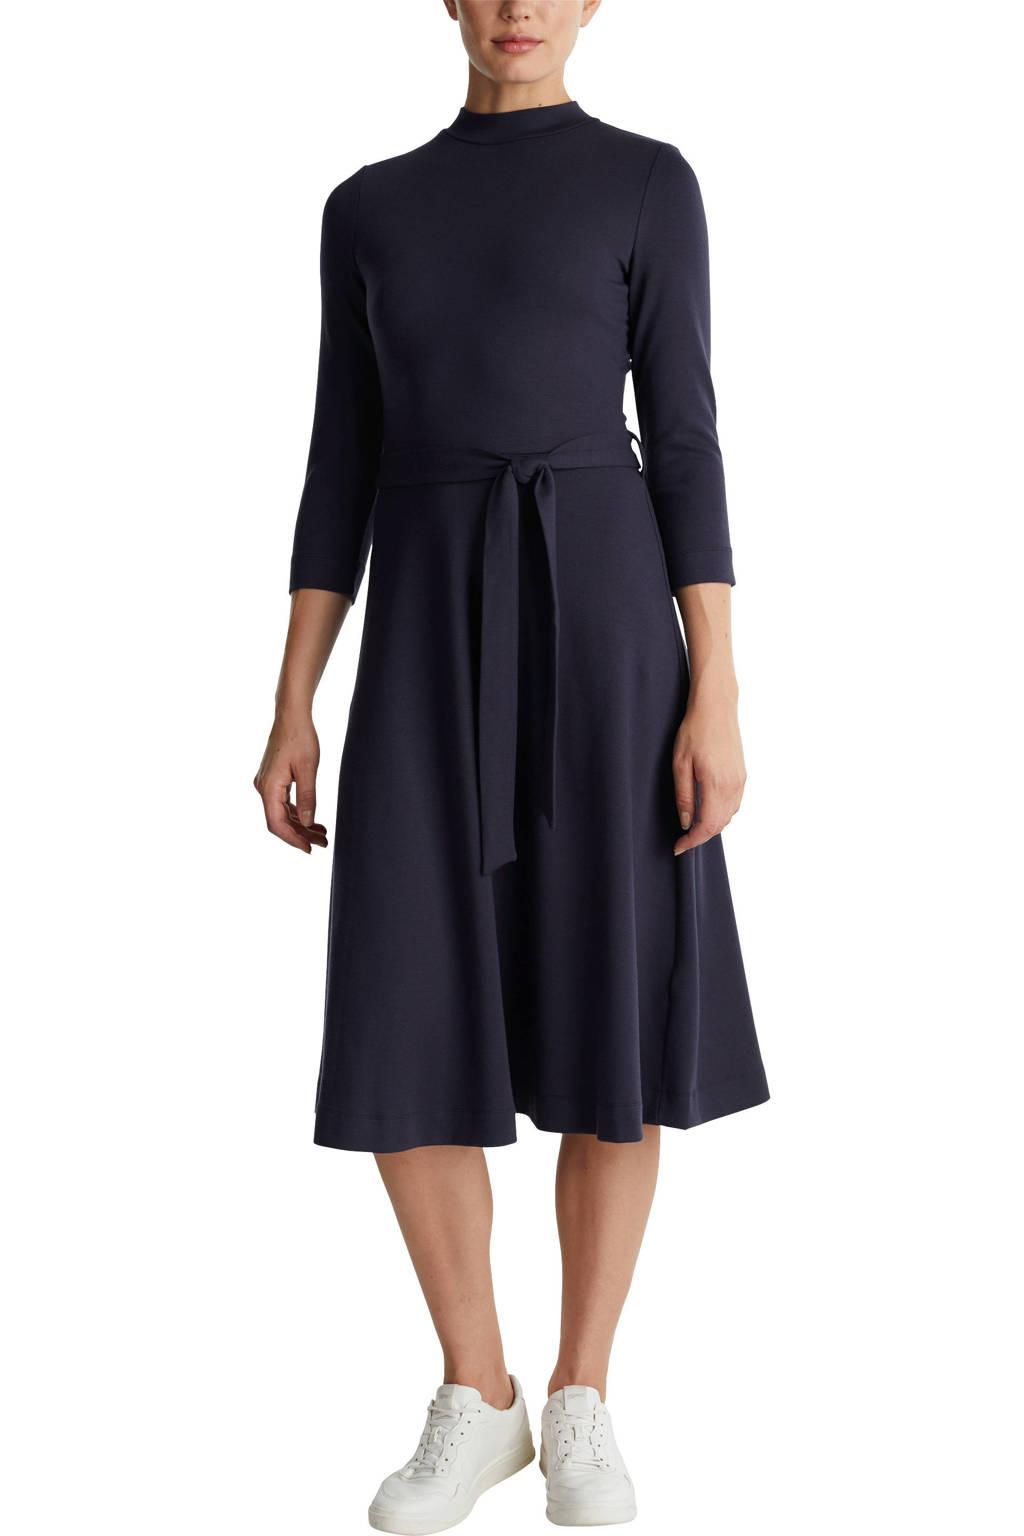 ESPRIT Women Casual A-lijn jurk met plooien donkerblauw, Donkerblauw